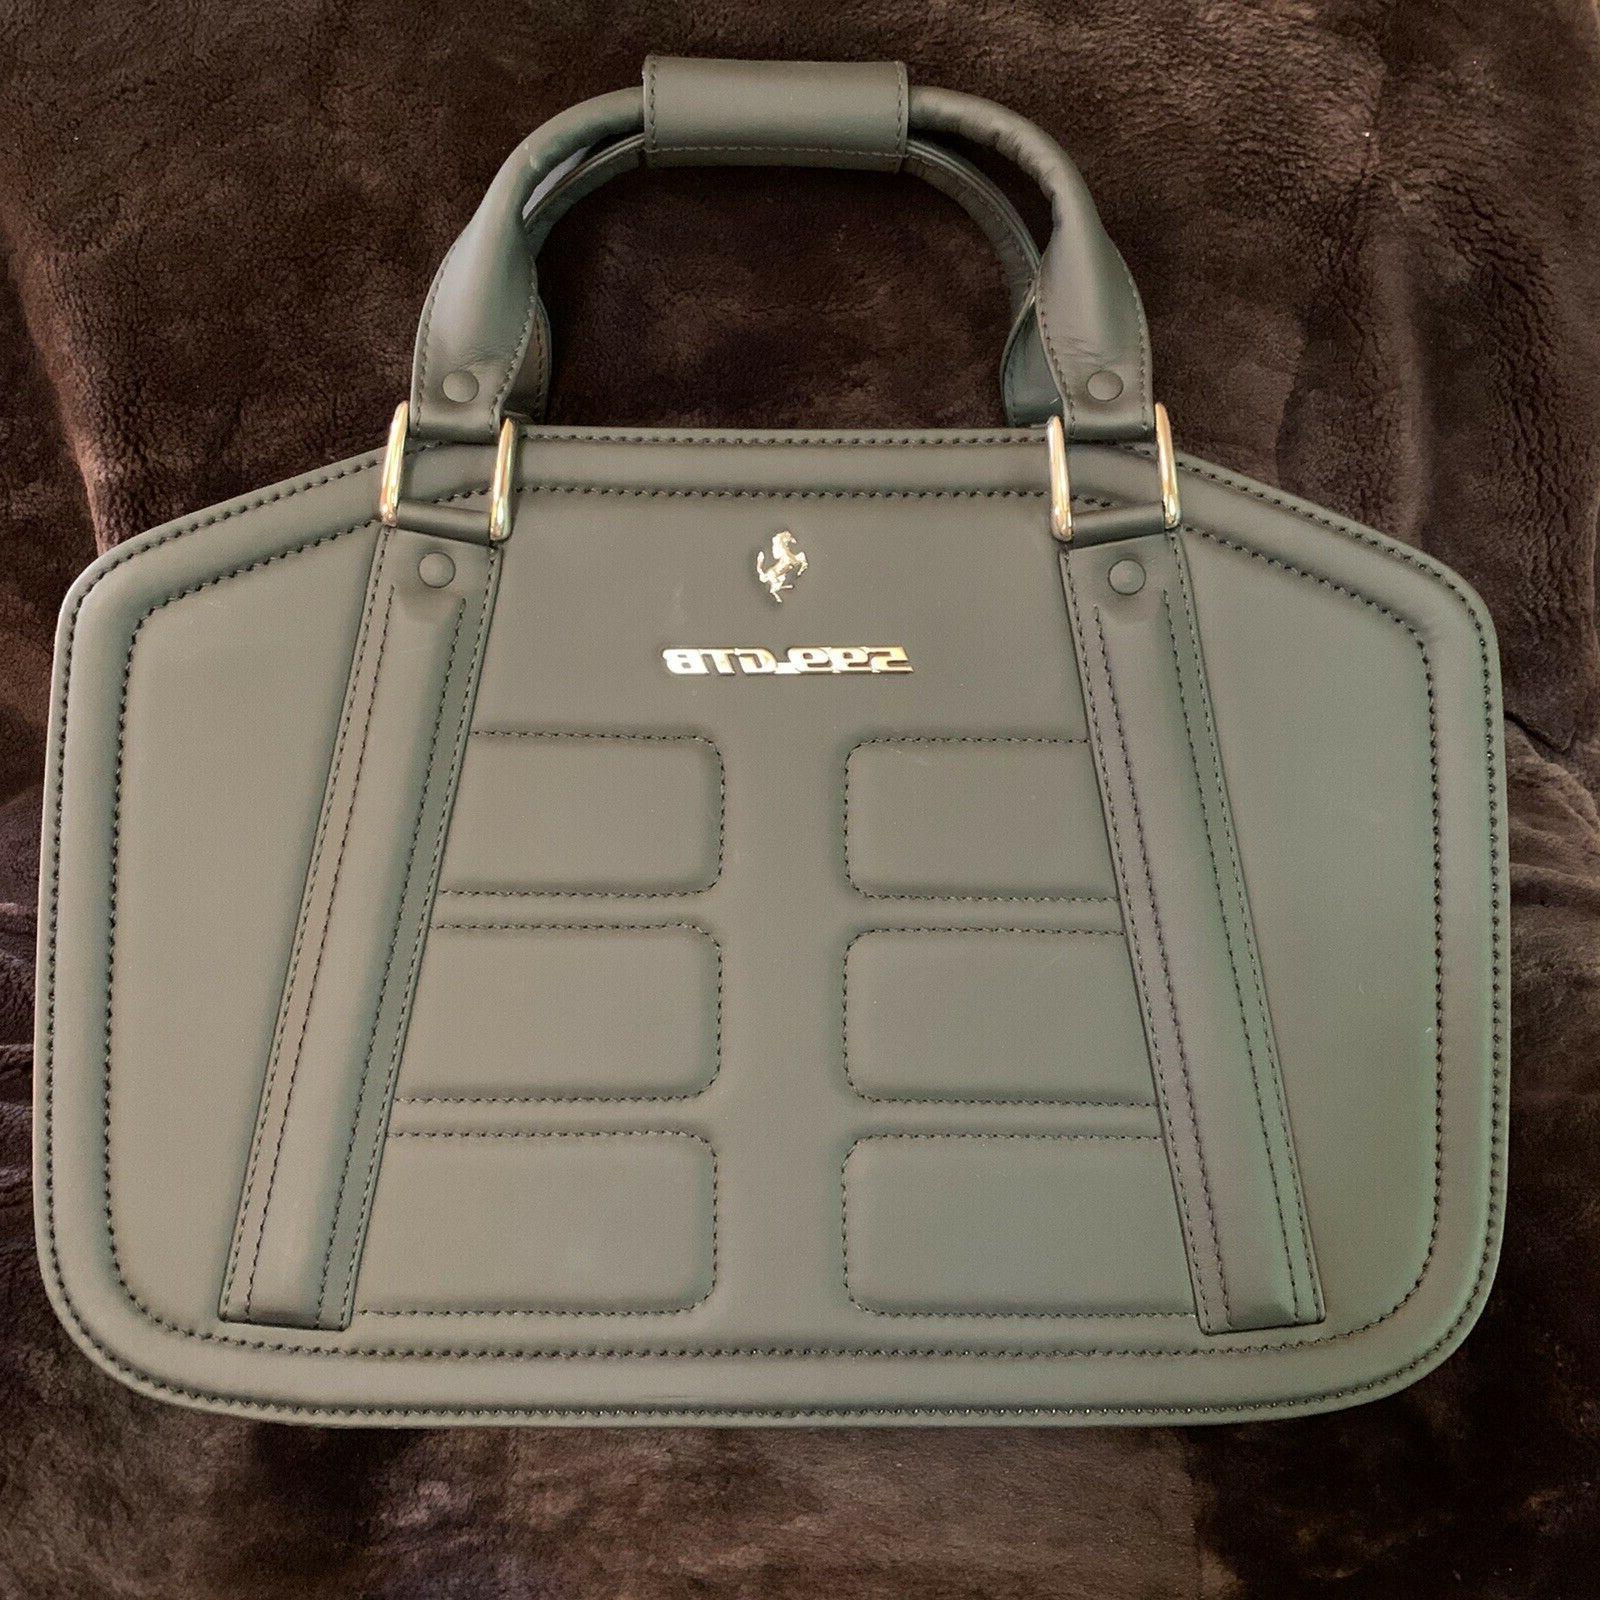 Ferrari Luggage Mint Condition.